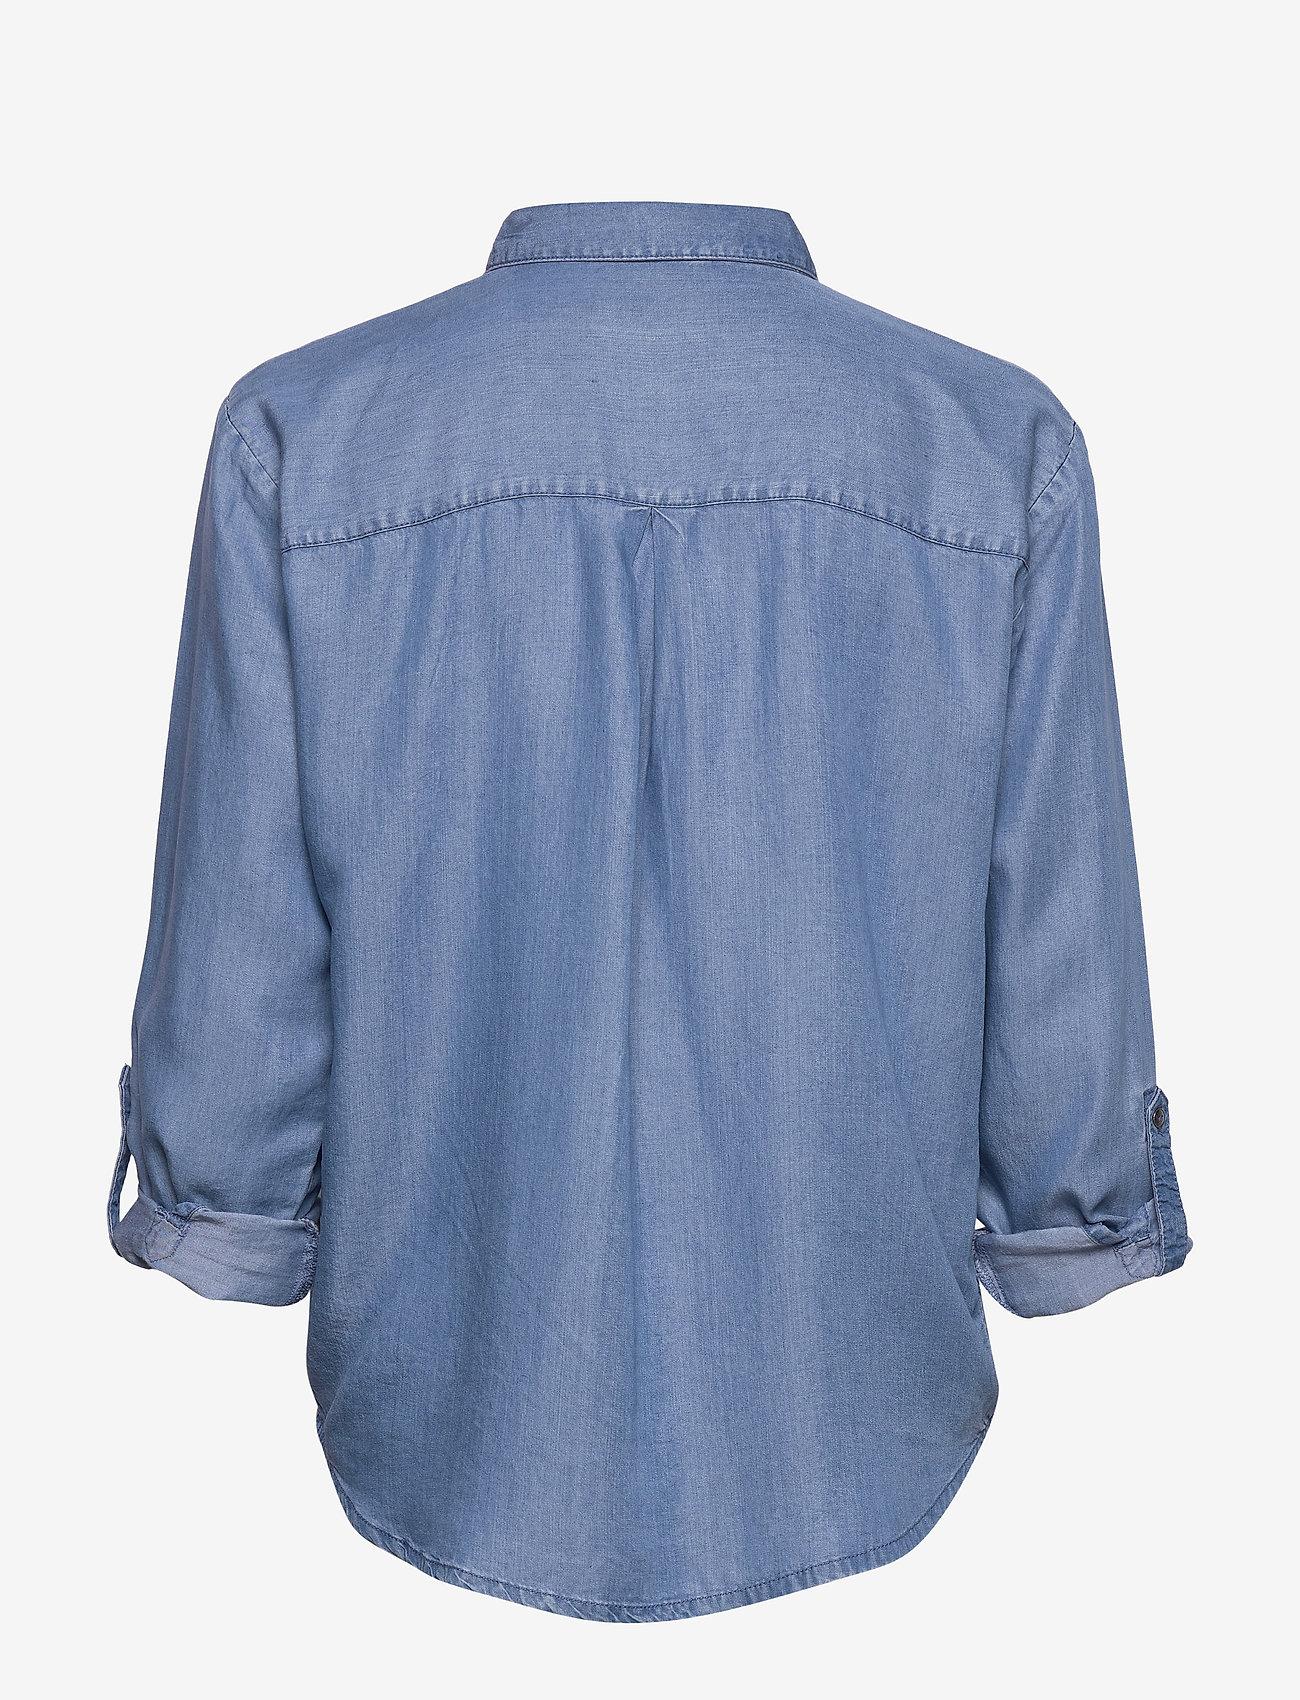 Fransa Frivshirt 2 Shirt - Blouses & Shirts